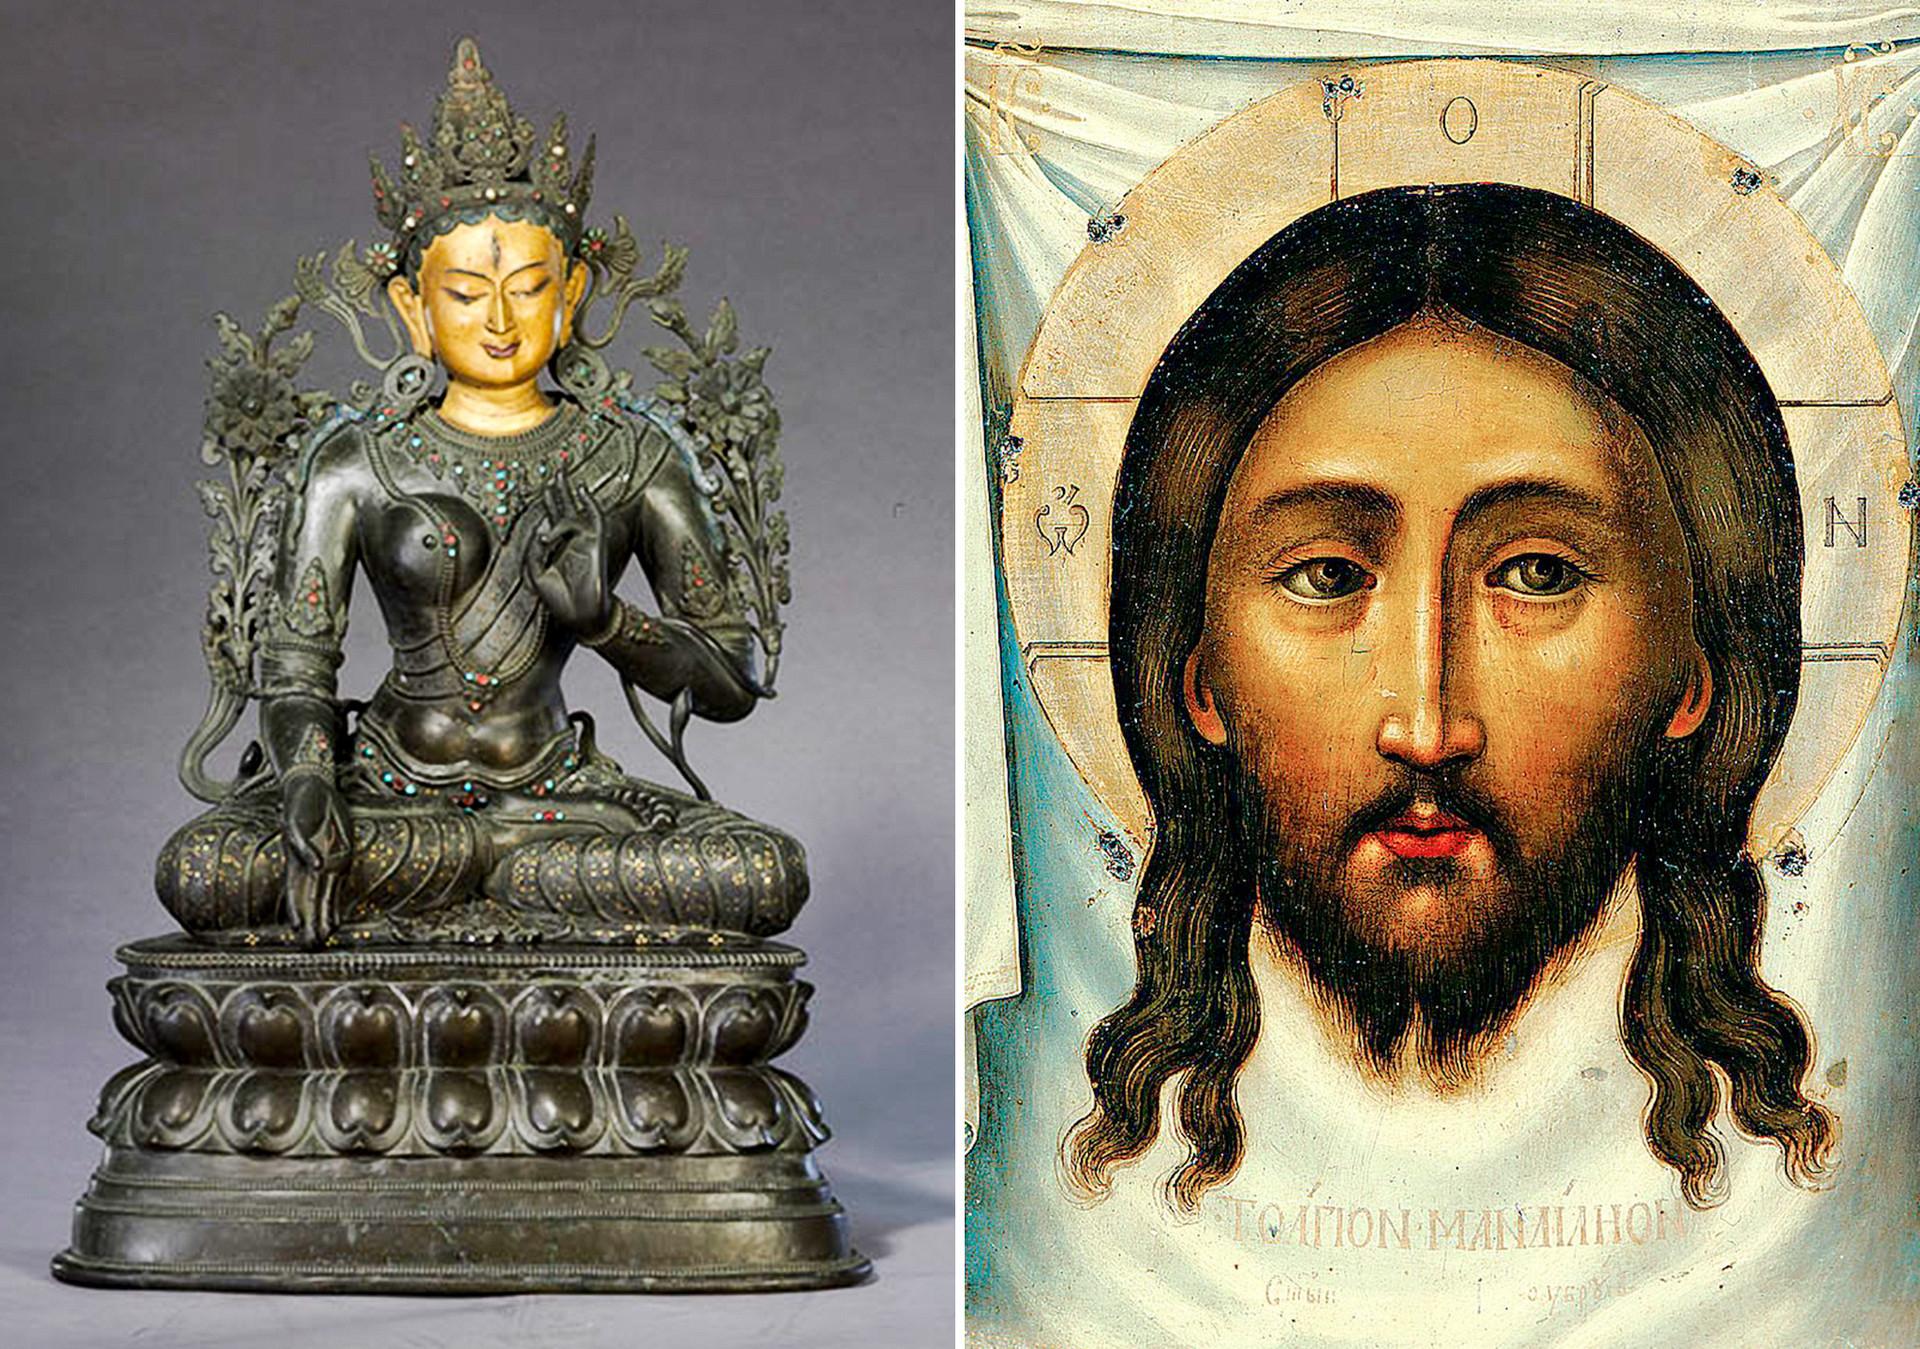 Лево: Статуа Беле Таре. Династија Ћинг, владавина Ћианлонга (1736–1796) Десно: Свети Мандилион. 1677.